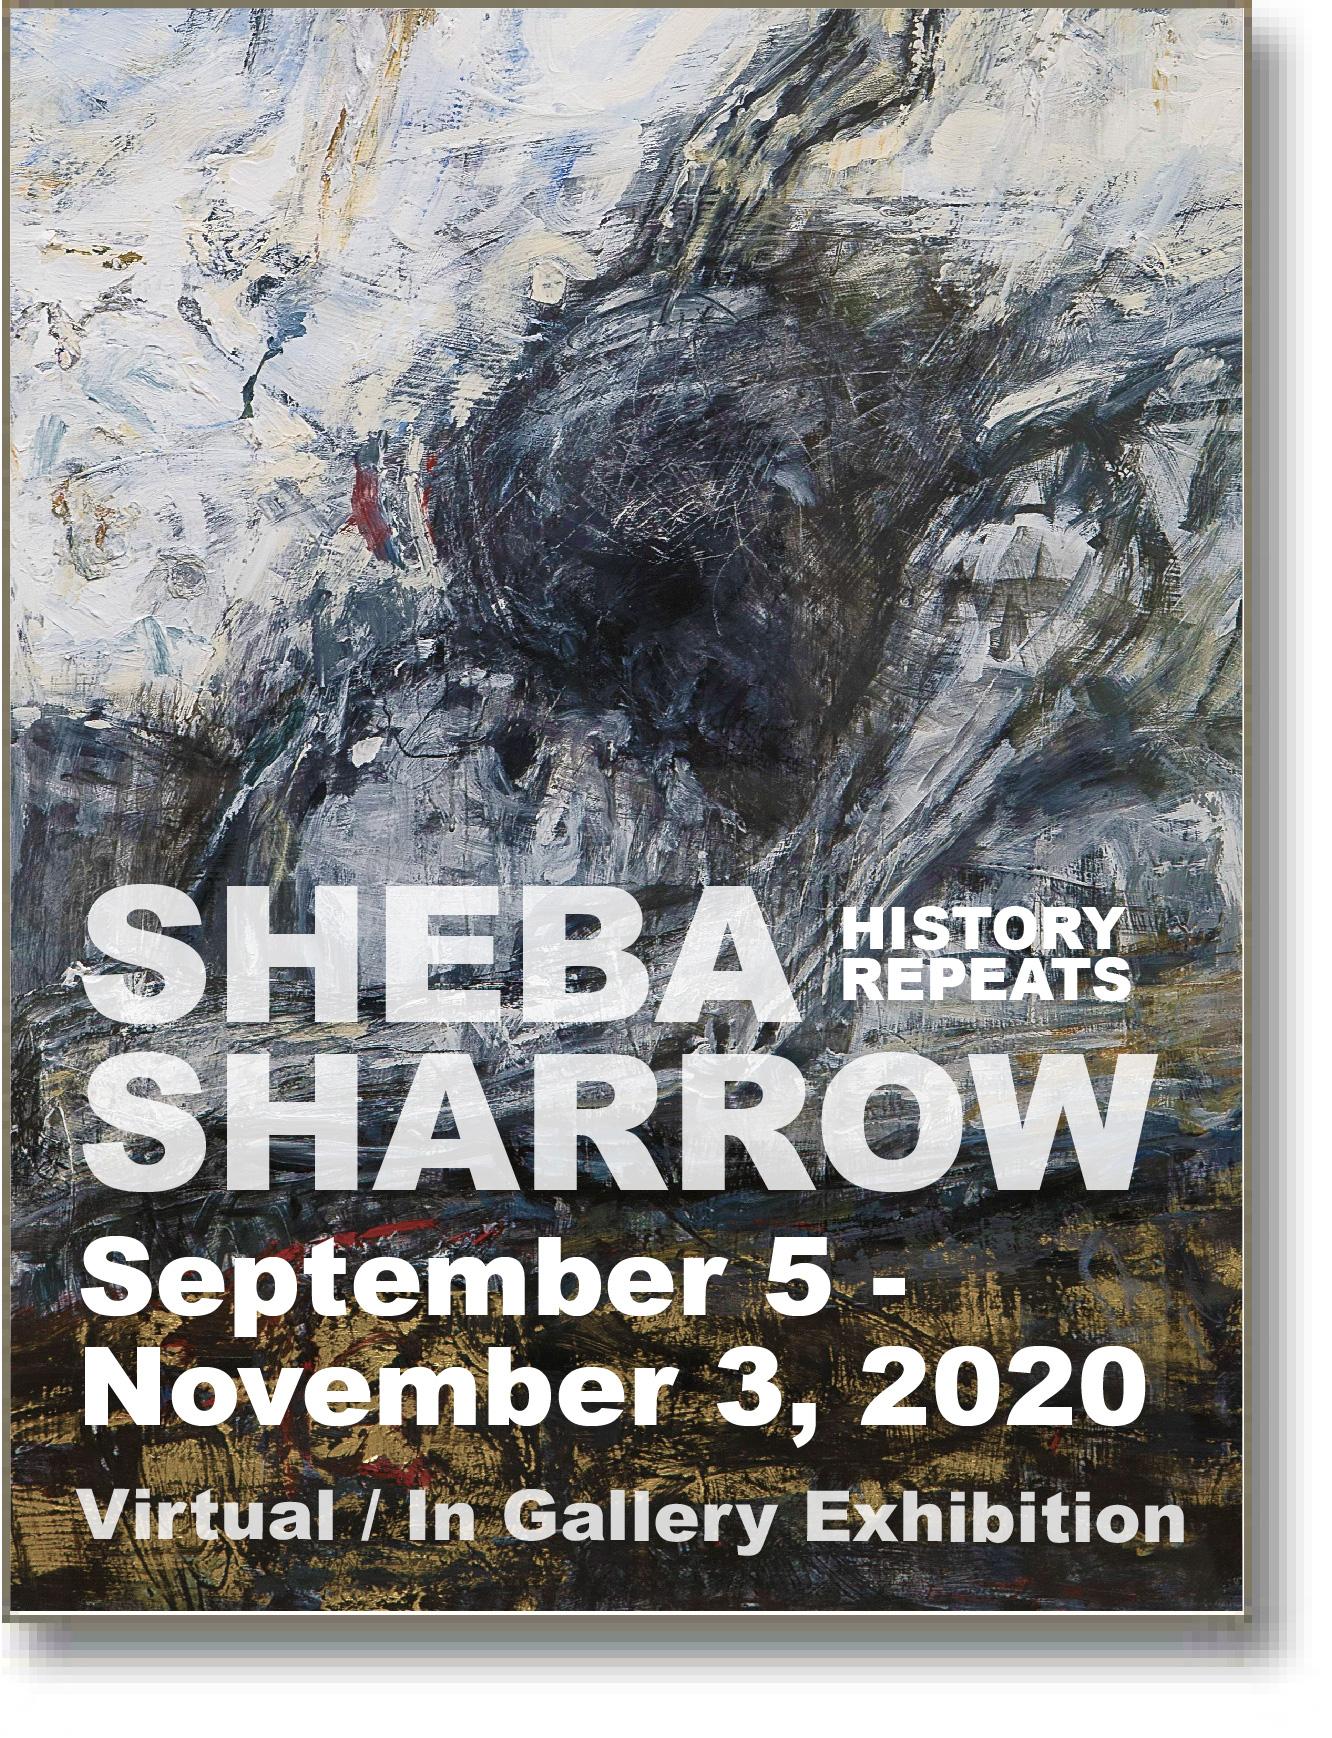 SHeba Sharrow History repeats [Recovered]-24